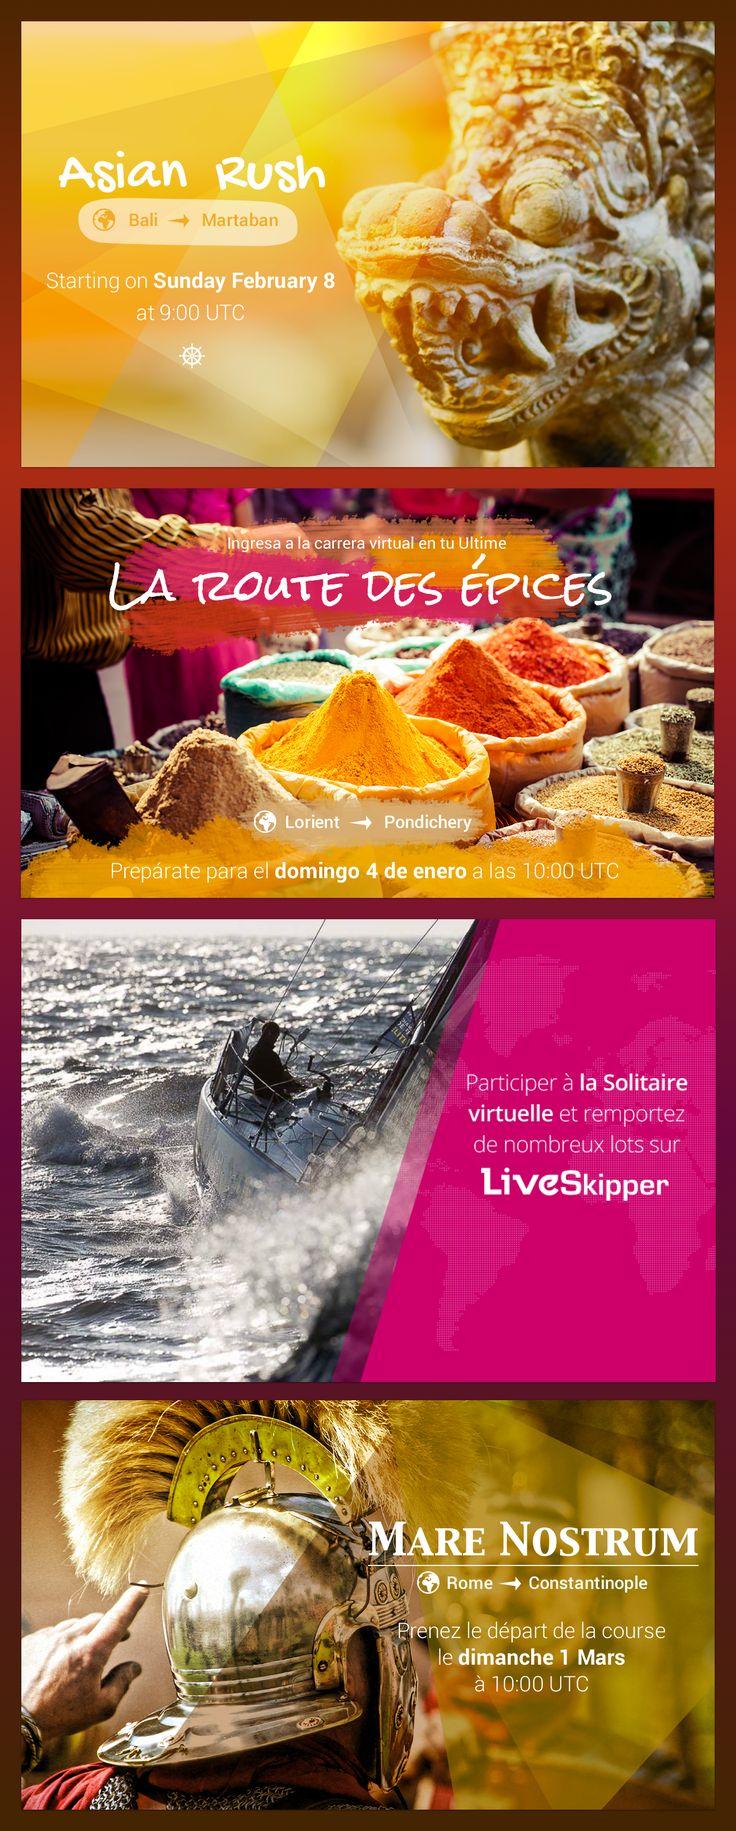 Communication des courses du jeu LiveSkipper. #design #visual #game #sailingrace